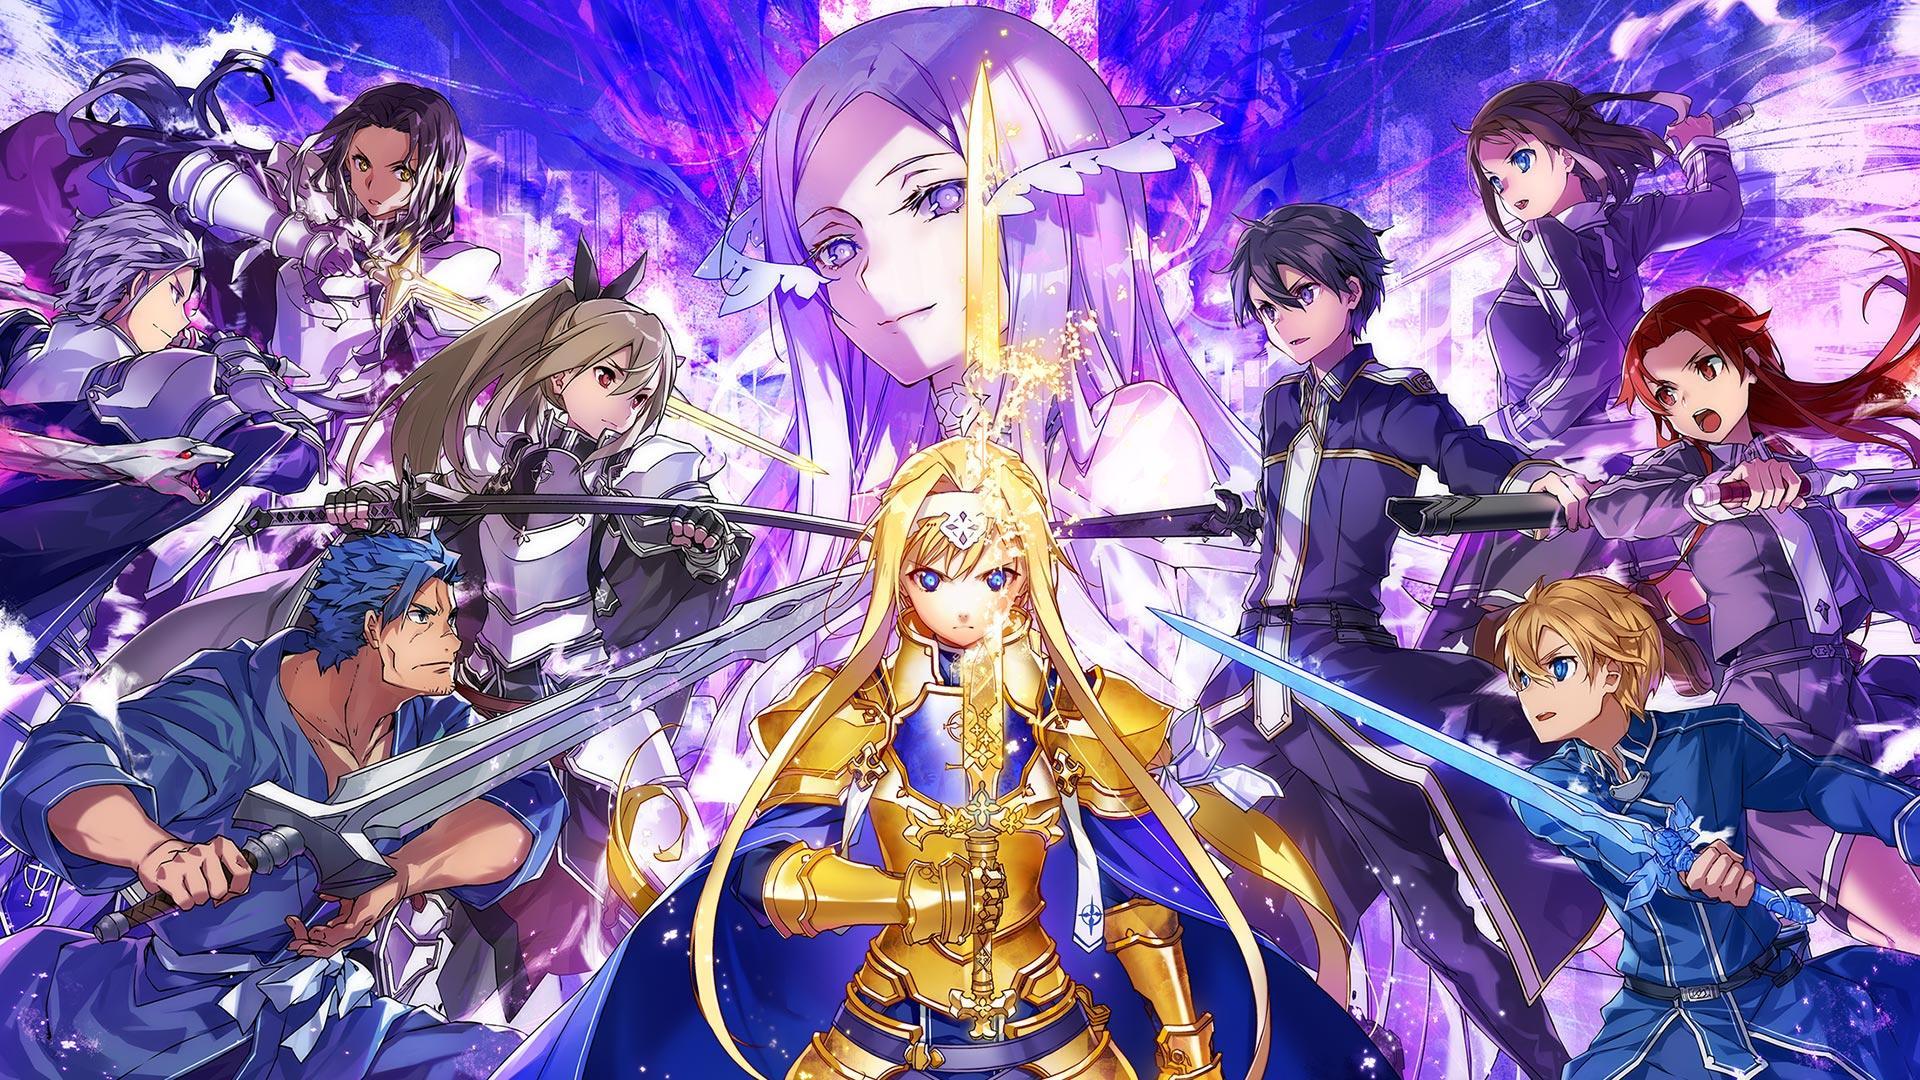 Sword Art Online Alicization Wallpapers - Top Free Sword ...